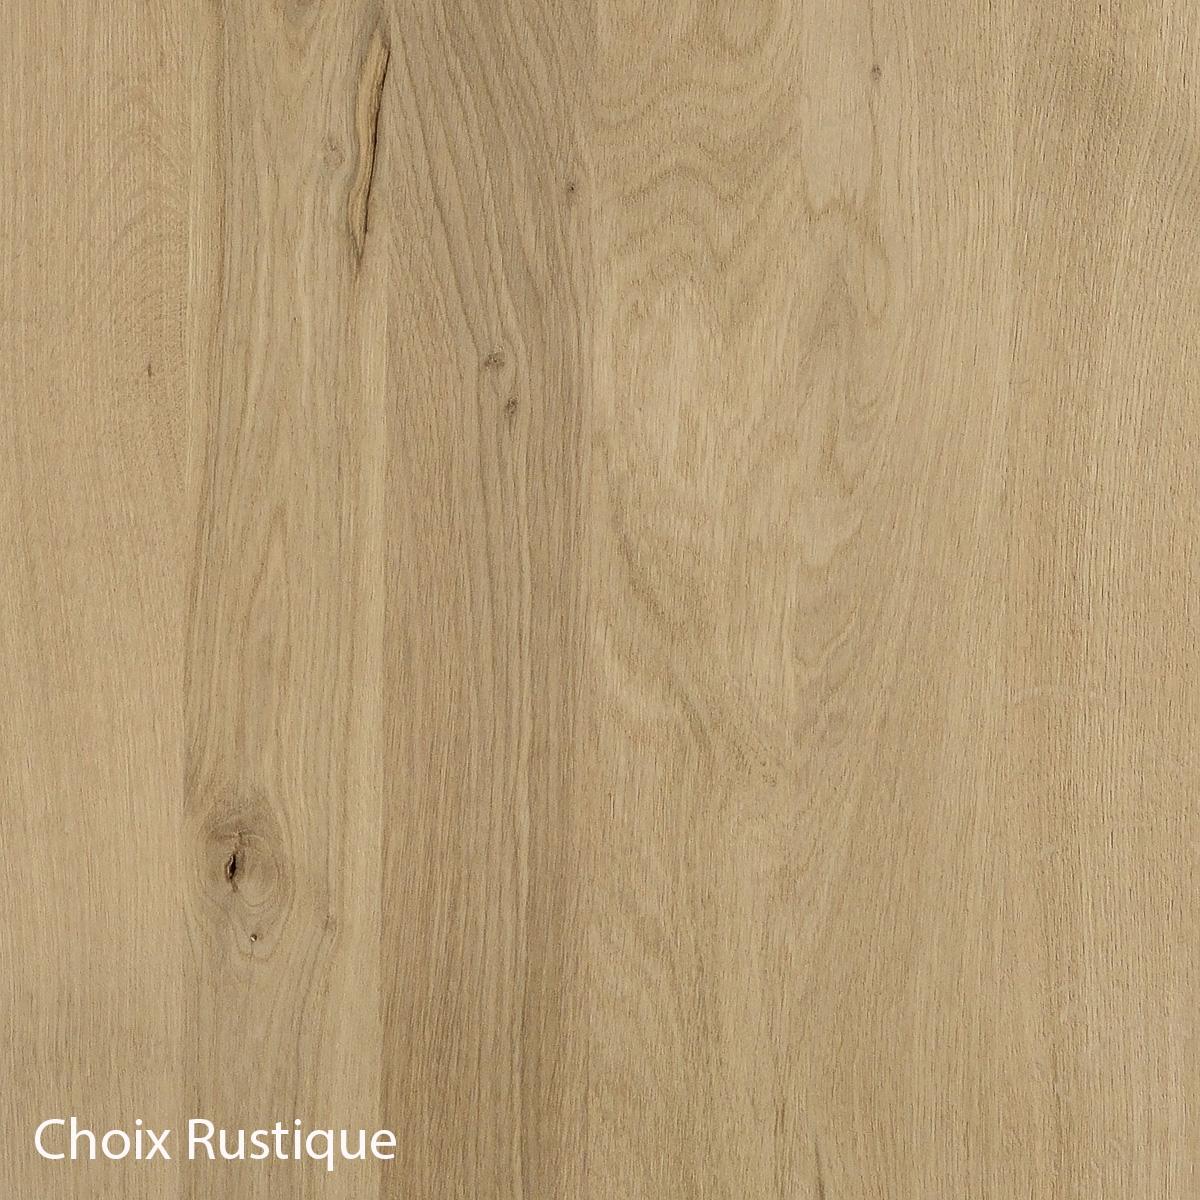 Panneau chêne massif choix Rustique